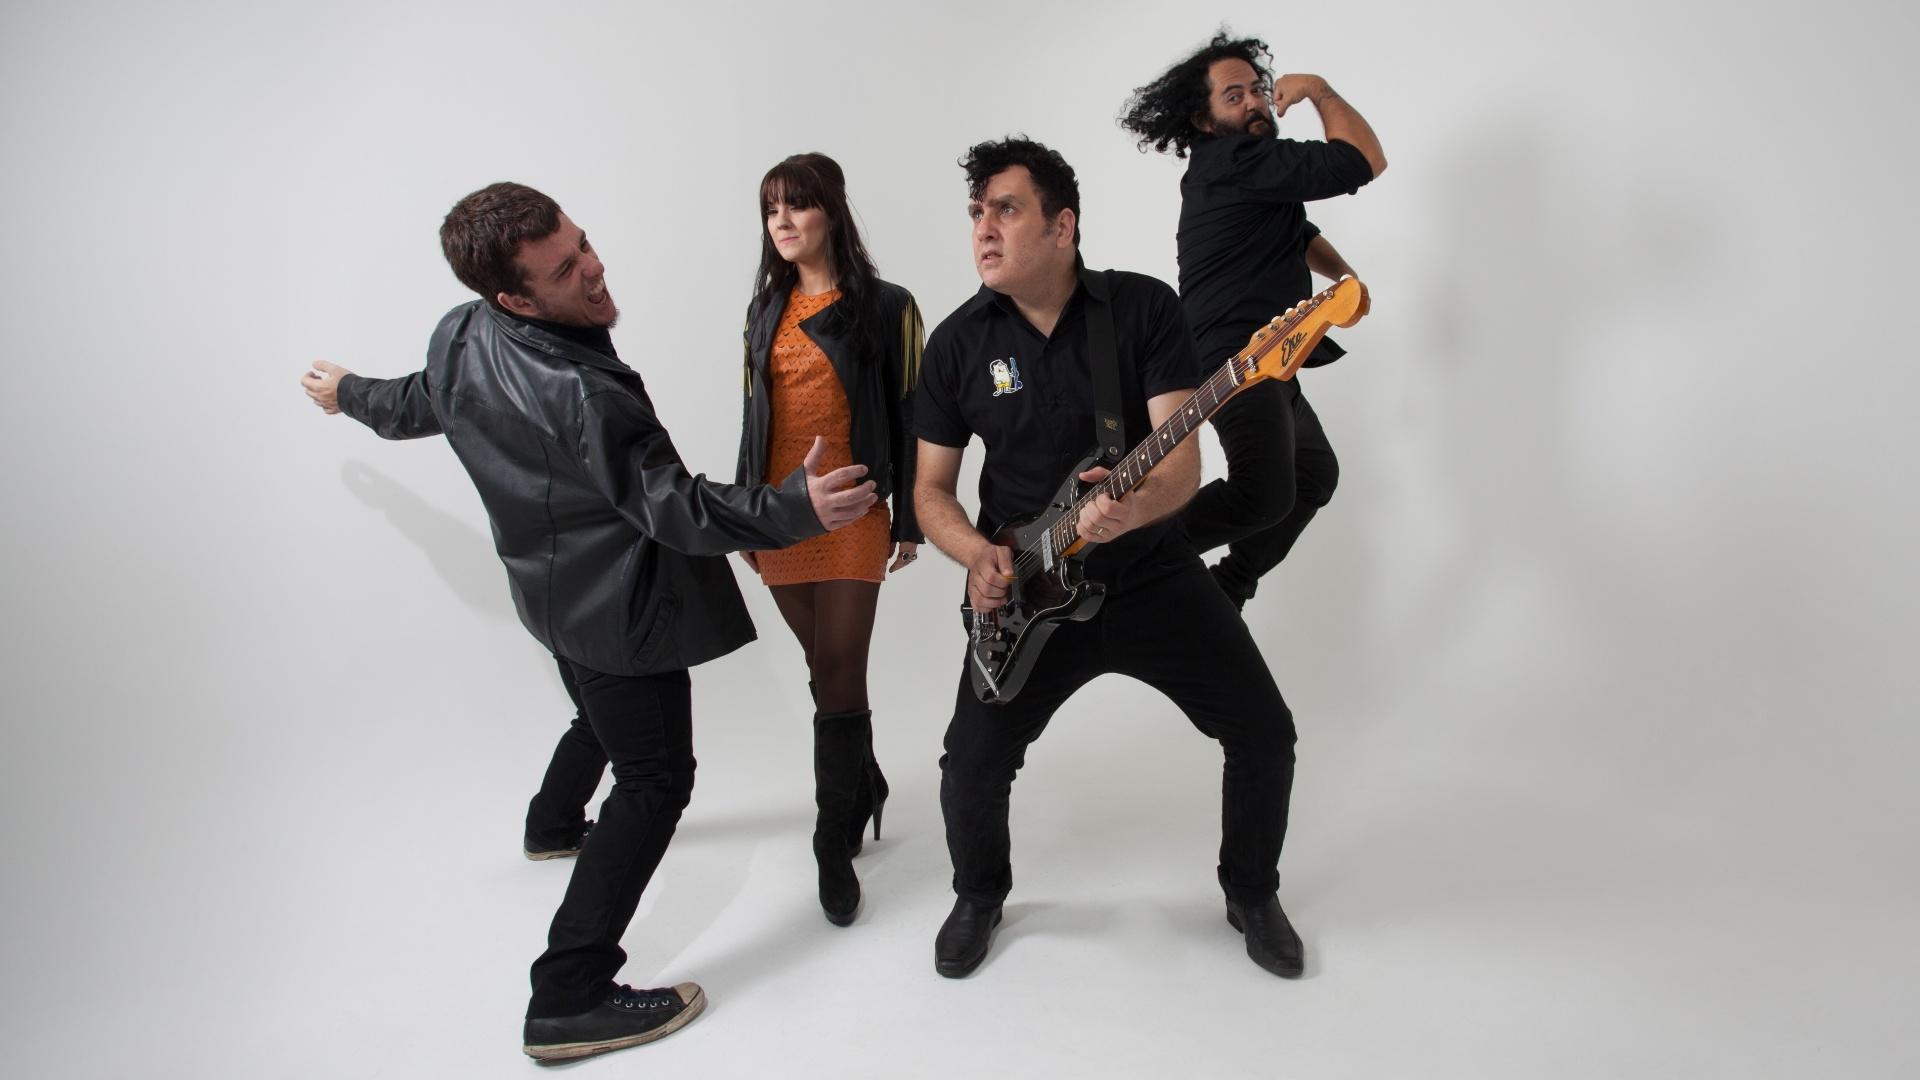 A nova formação da banda Autoramas, com Gabriel Thomaz (guitarra e vocal) Érika Martins (vocal), Melvin (baixo) e Fred (bateria)